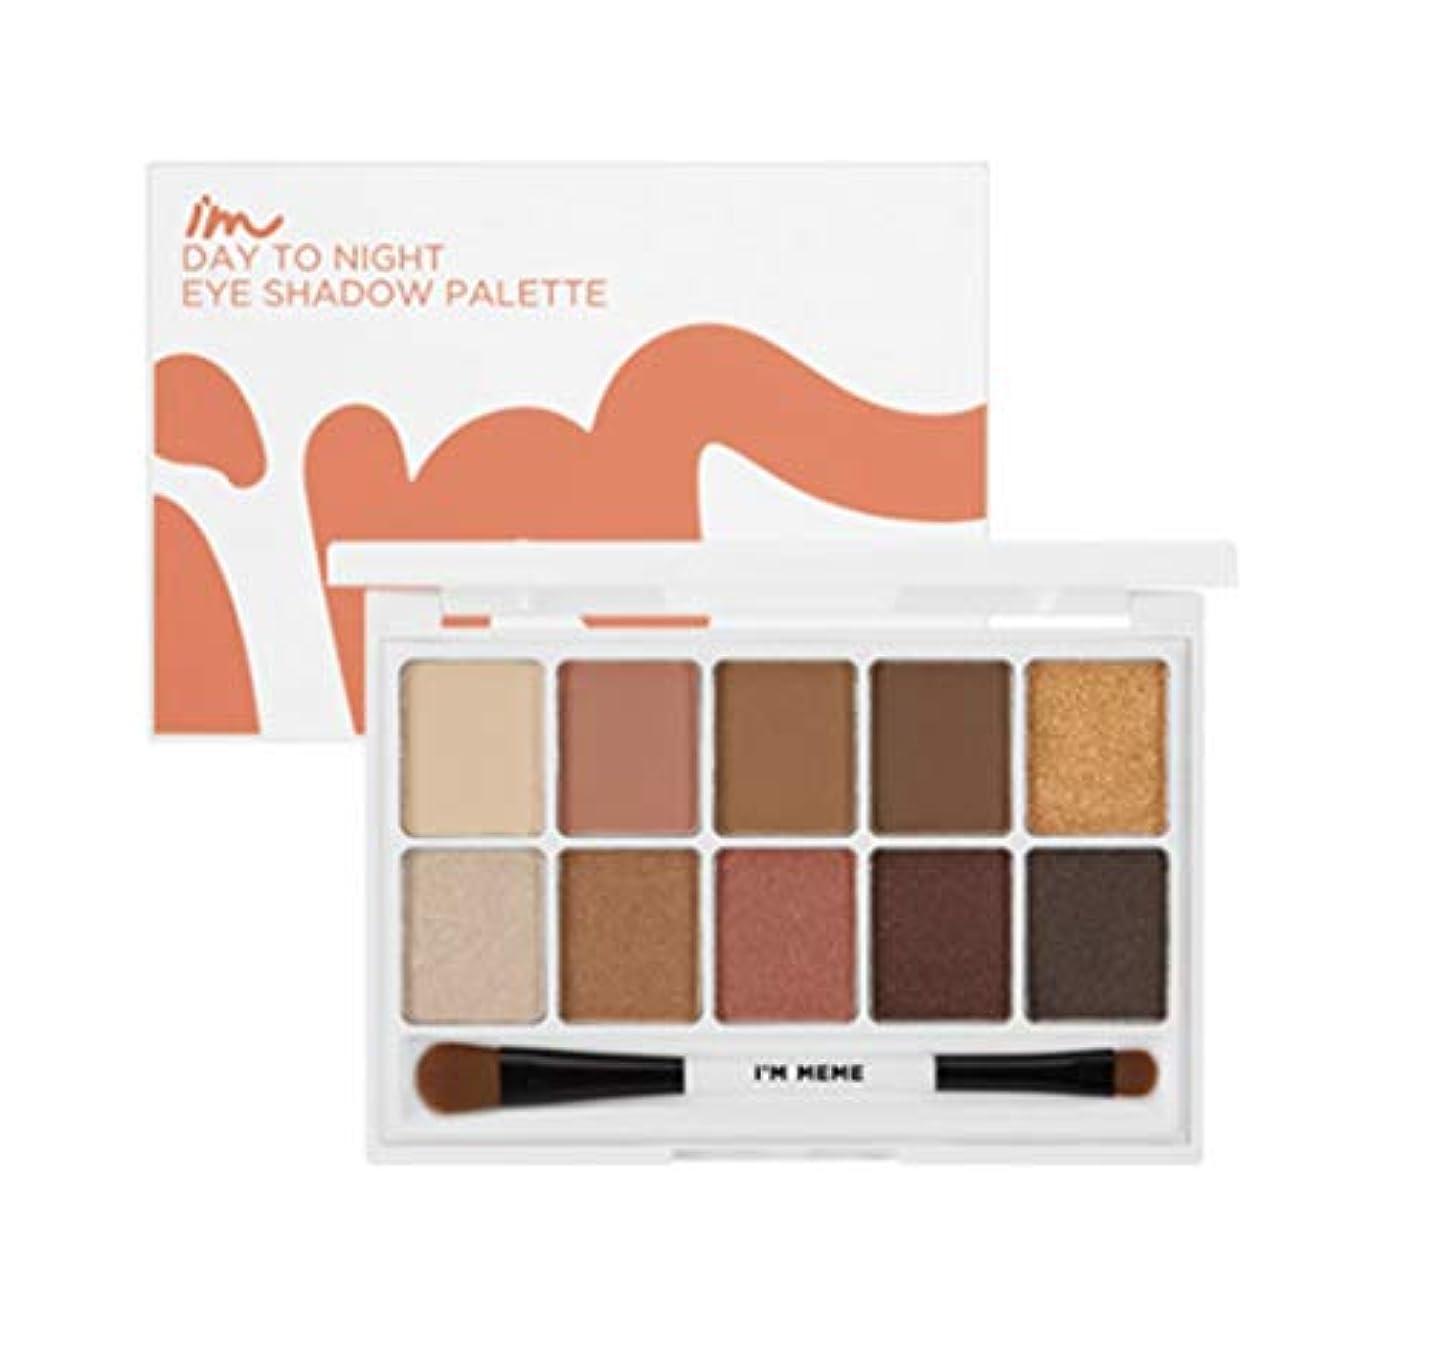 I'm Day to Night Eye Shadow Palette 10種類のカラーアイシャドウ、アイブロウ、ブラッシャー、シェーディングまでパレット一つで完成(海外直送品)